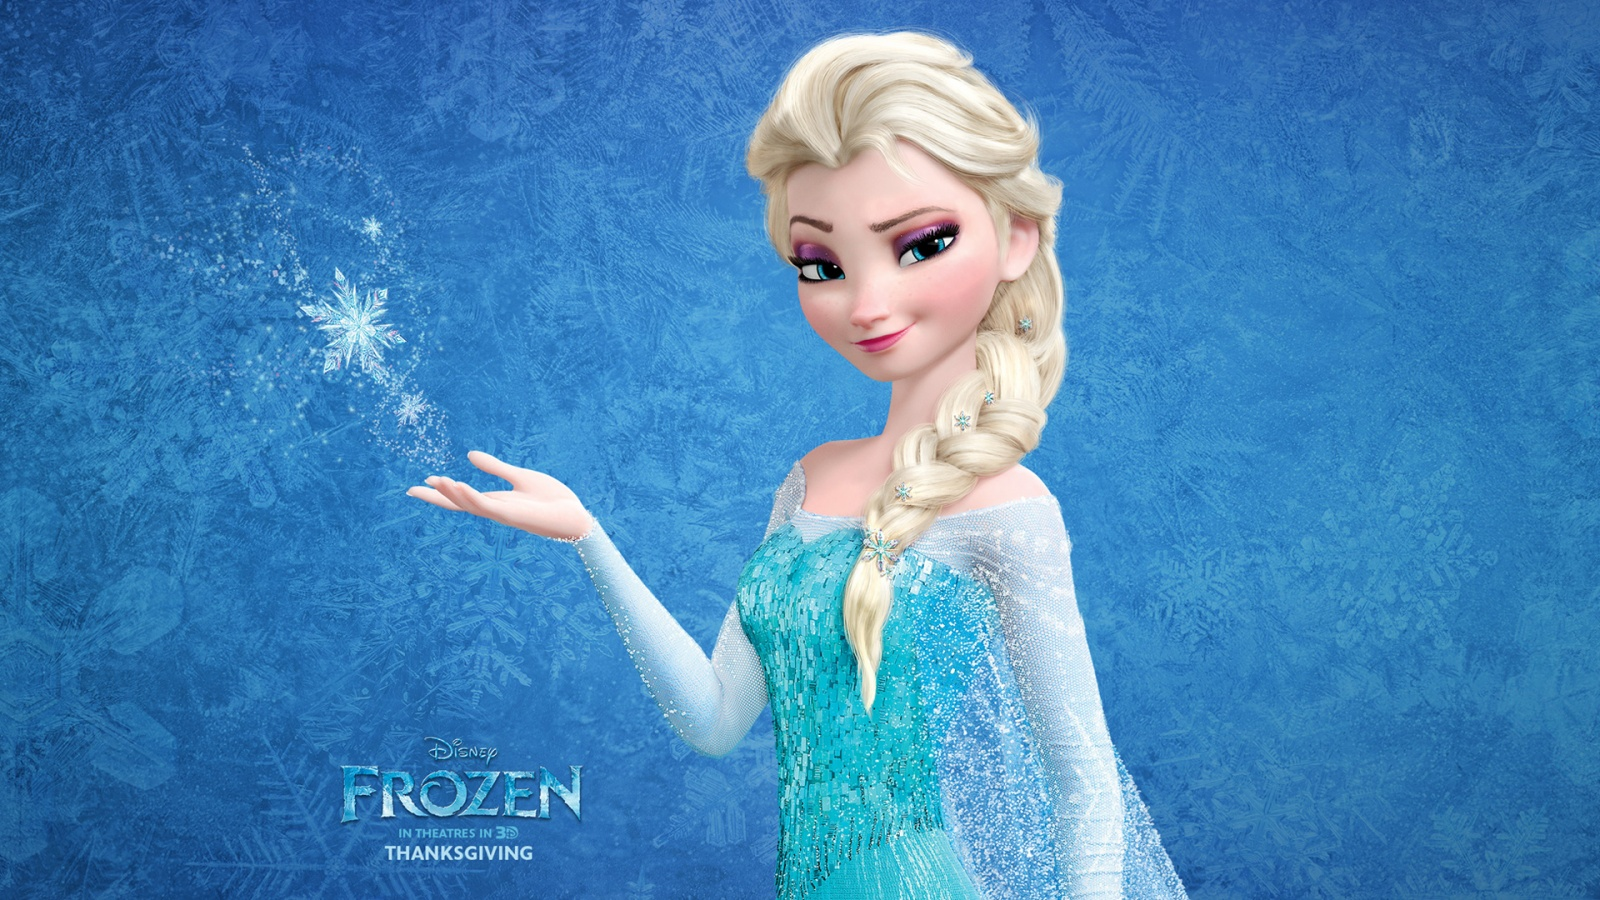 Snow Queen Elsa in Frozen Wallpapers HD Wallpapers 1600x900